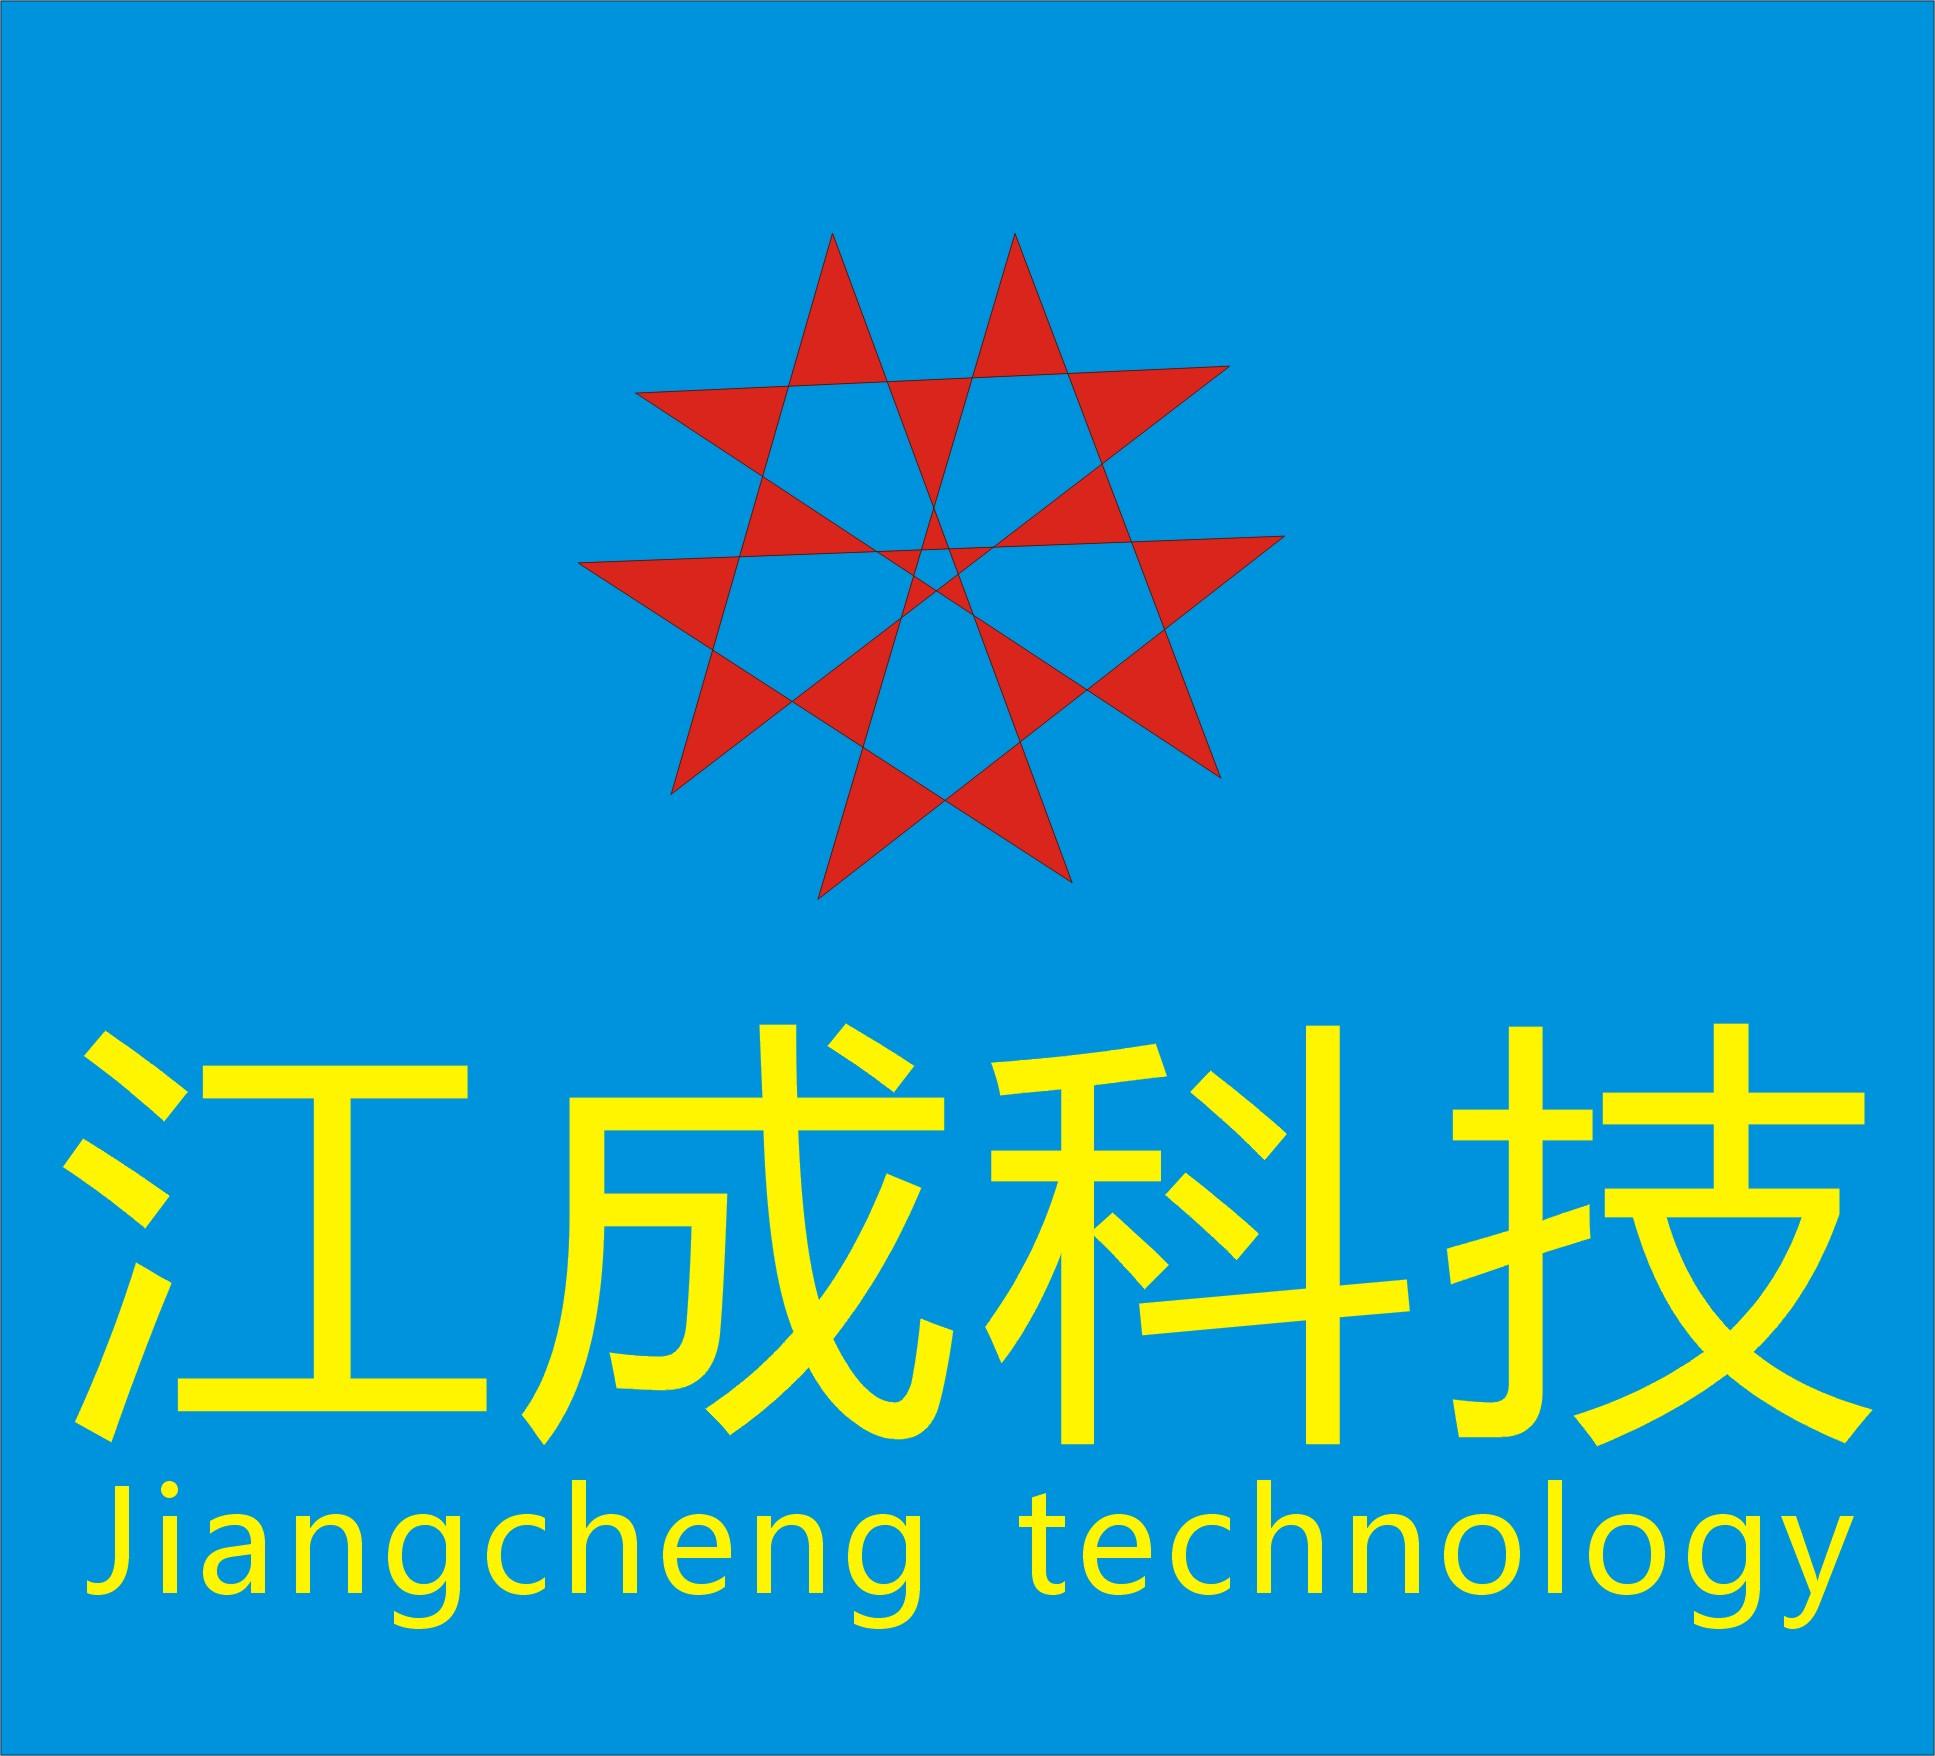 東莞市江成智能科技有限公司